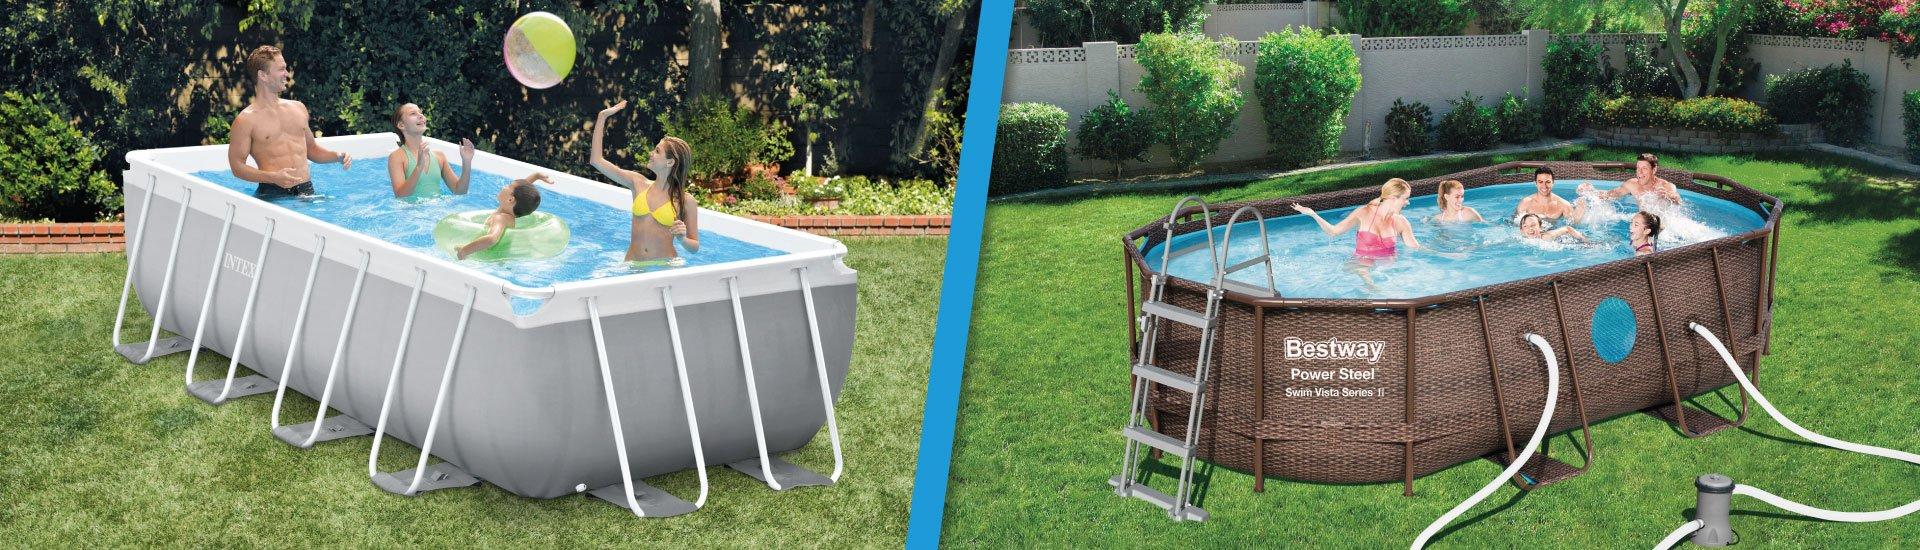 Comparaison-entre-une-piscine-tubulaire-Intex-et-Bestway